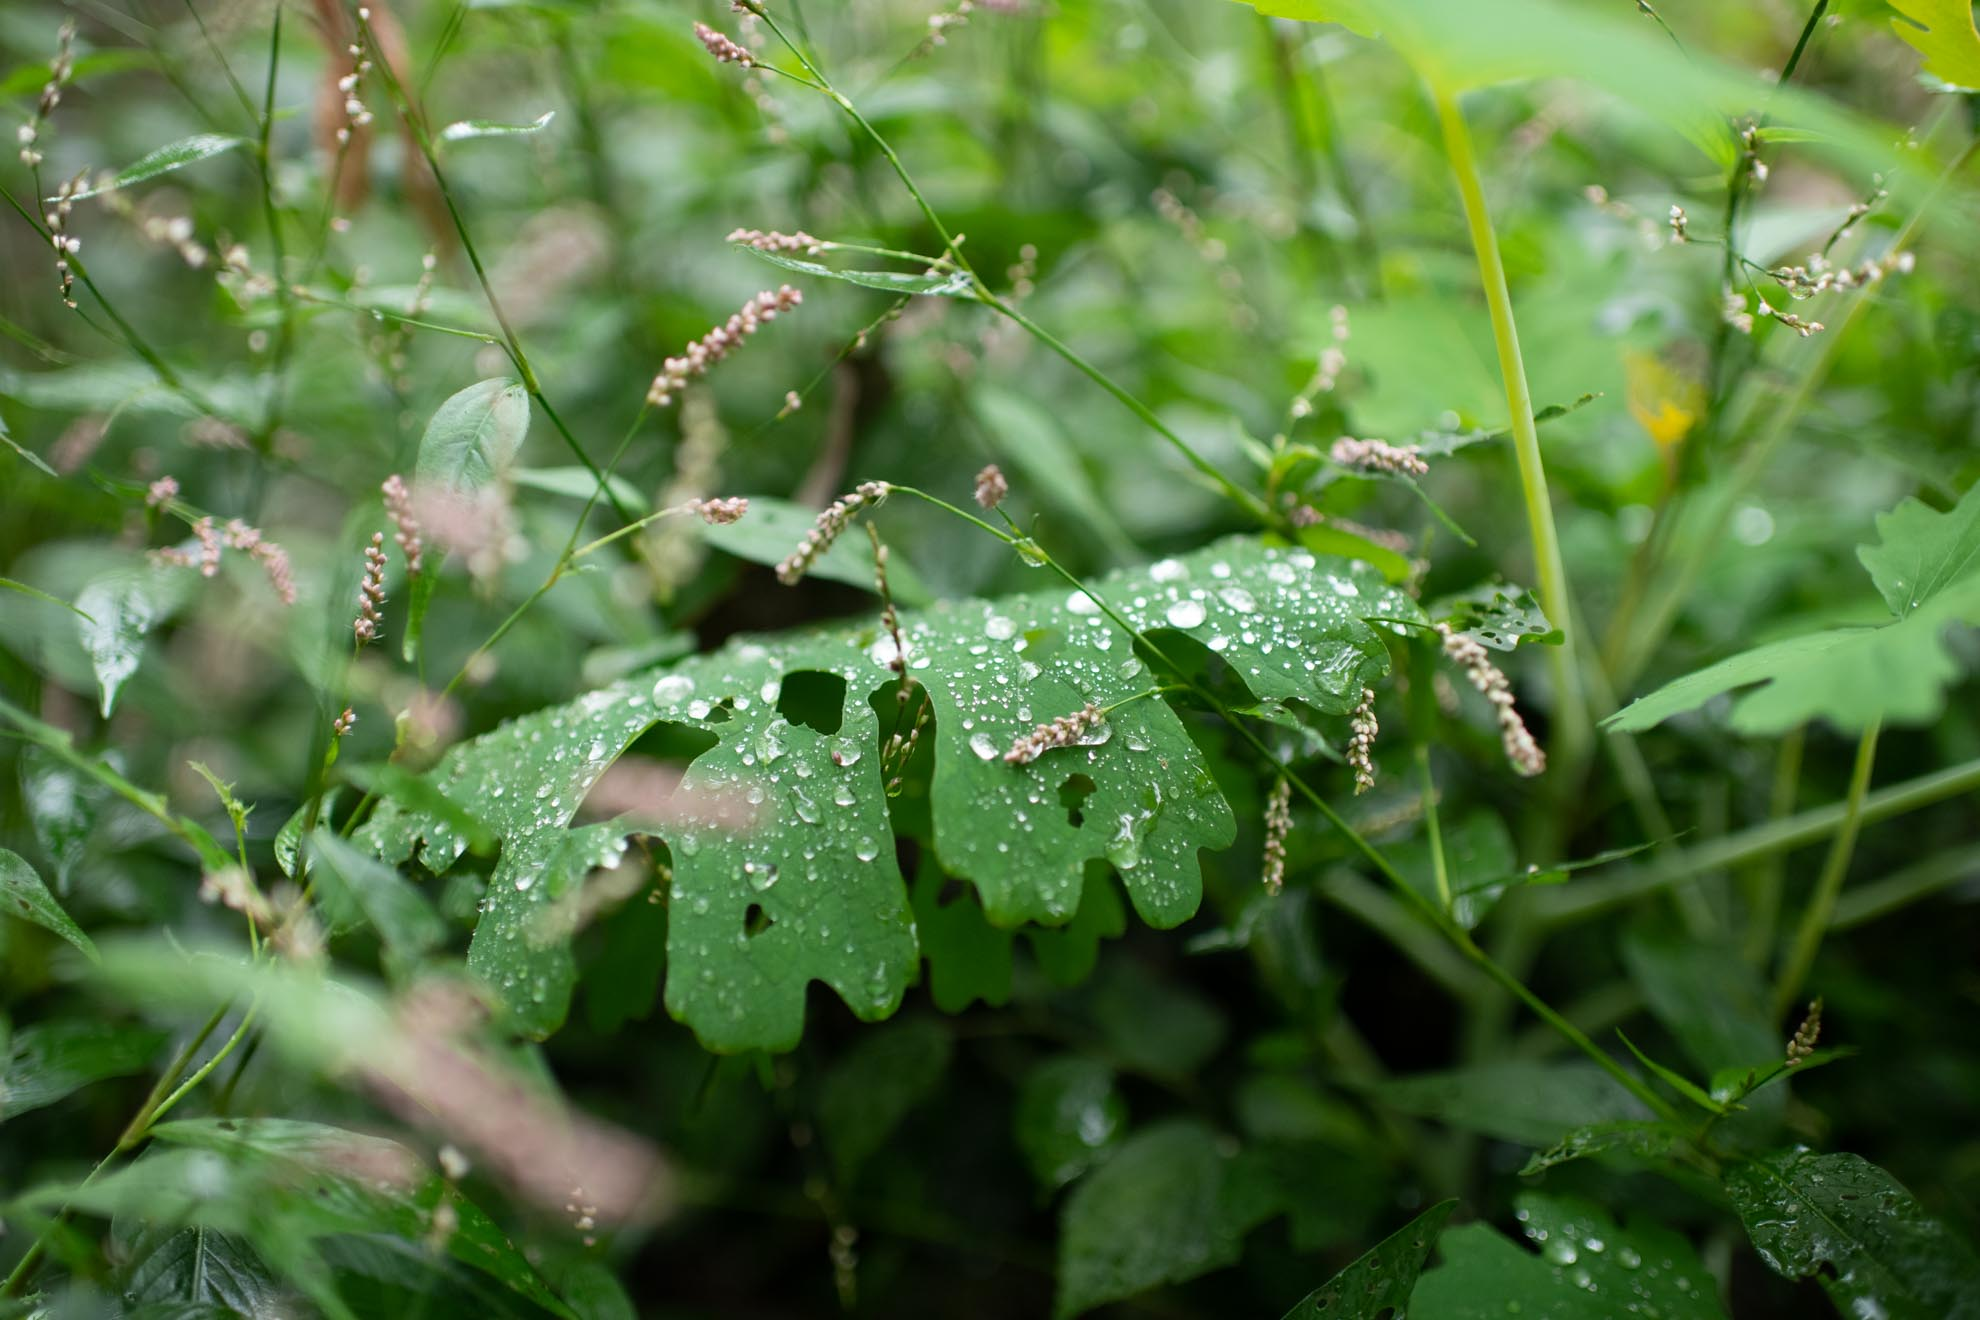 水の滴る葉